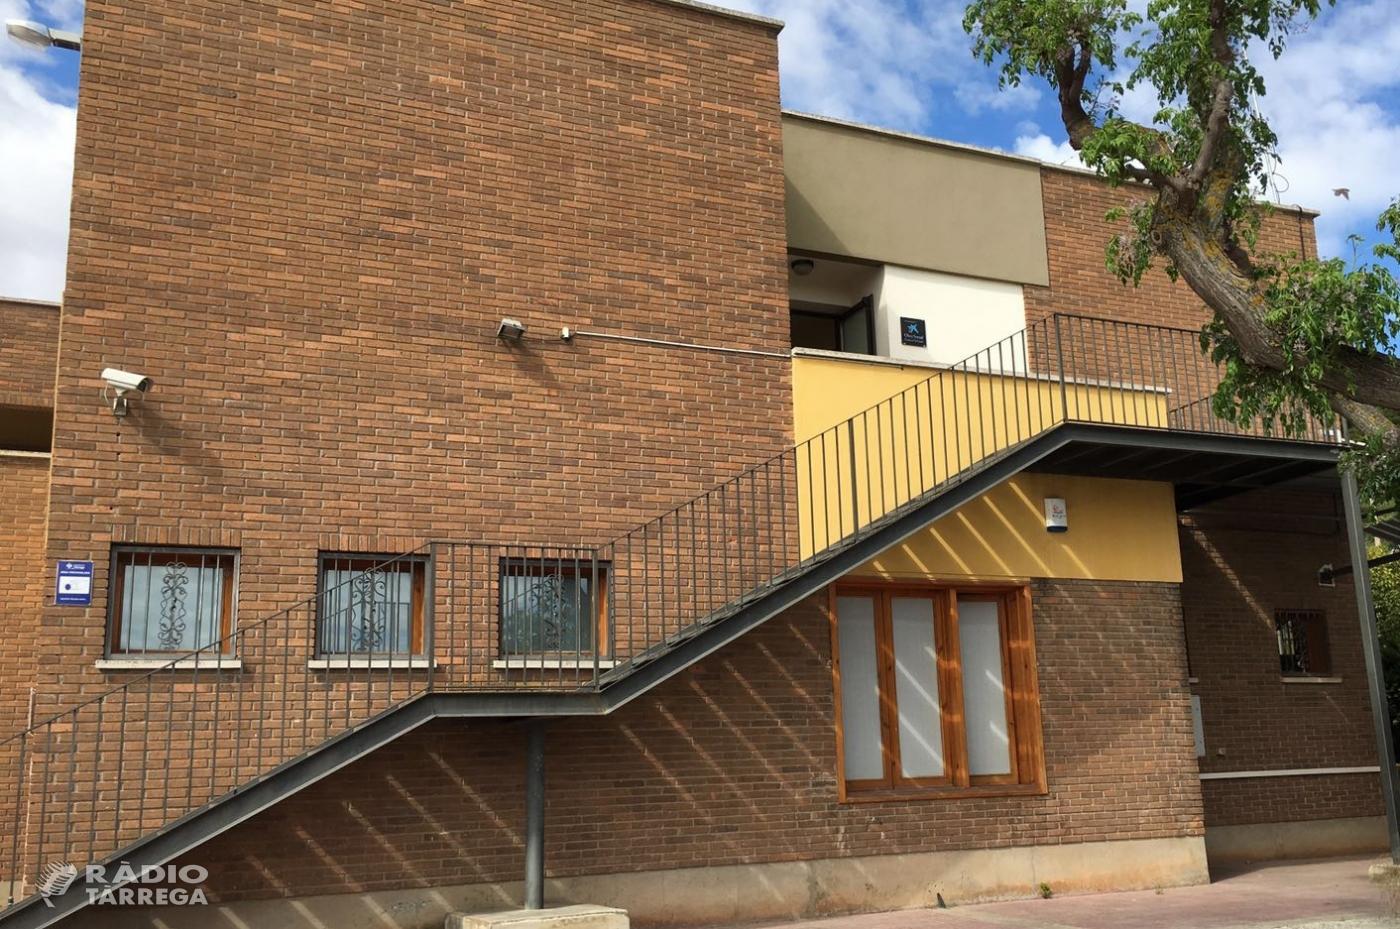 Tàrrega transforma l'alberg de transeünts en un espai d'atenció social per a persones del municipi en situació de vulnerabilitat